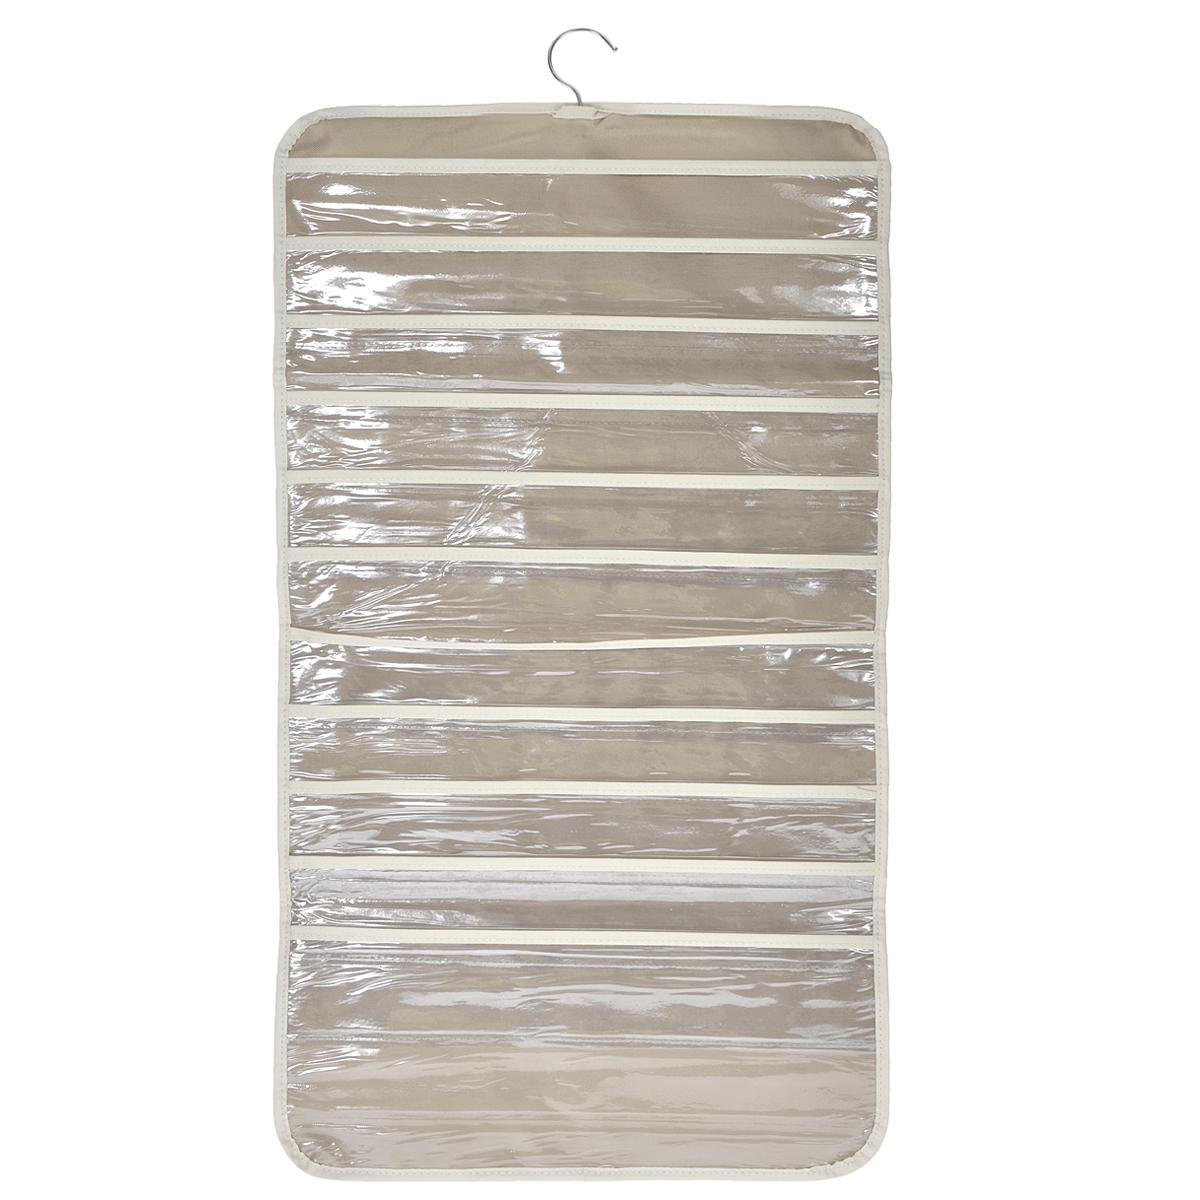 Кофр подвесной FS-6238, цвет: бежевый, 45 см х 80 смFS-6238Двухсторонний подвесной кофр FS-6238 изготовлен из высококачественного нетканого материала, который позволяет сохранять естественную вентиляцию, а воздуху свободно проникать внутрь, не пропуская пыль. Кофр предназначен для хранения различных мелочей и имеет 22 прозрачных пластиковых отделений-карманов. Кофр можно повесить в любом удобном для вас месте благодаря встроенной металлической вешалке. Подвесной кофр FS-6238 с легкостью вас избавит от беспорядка!